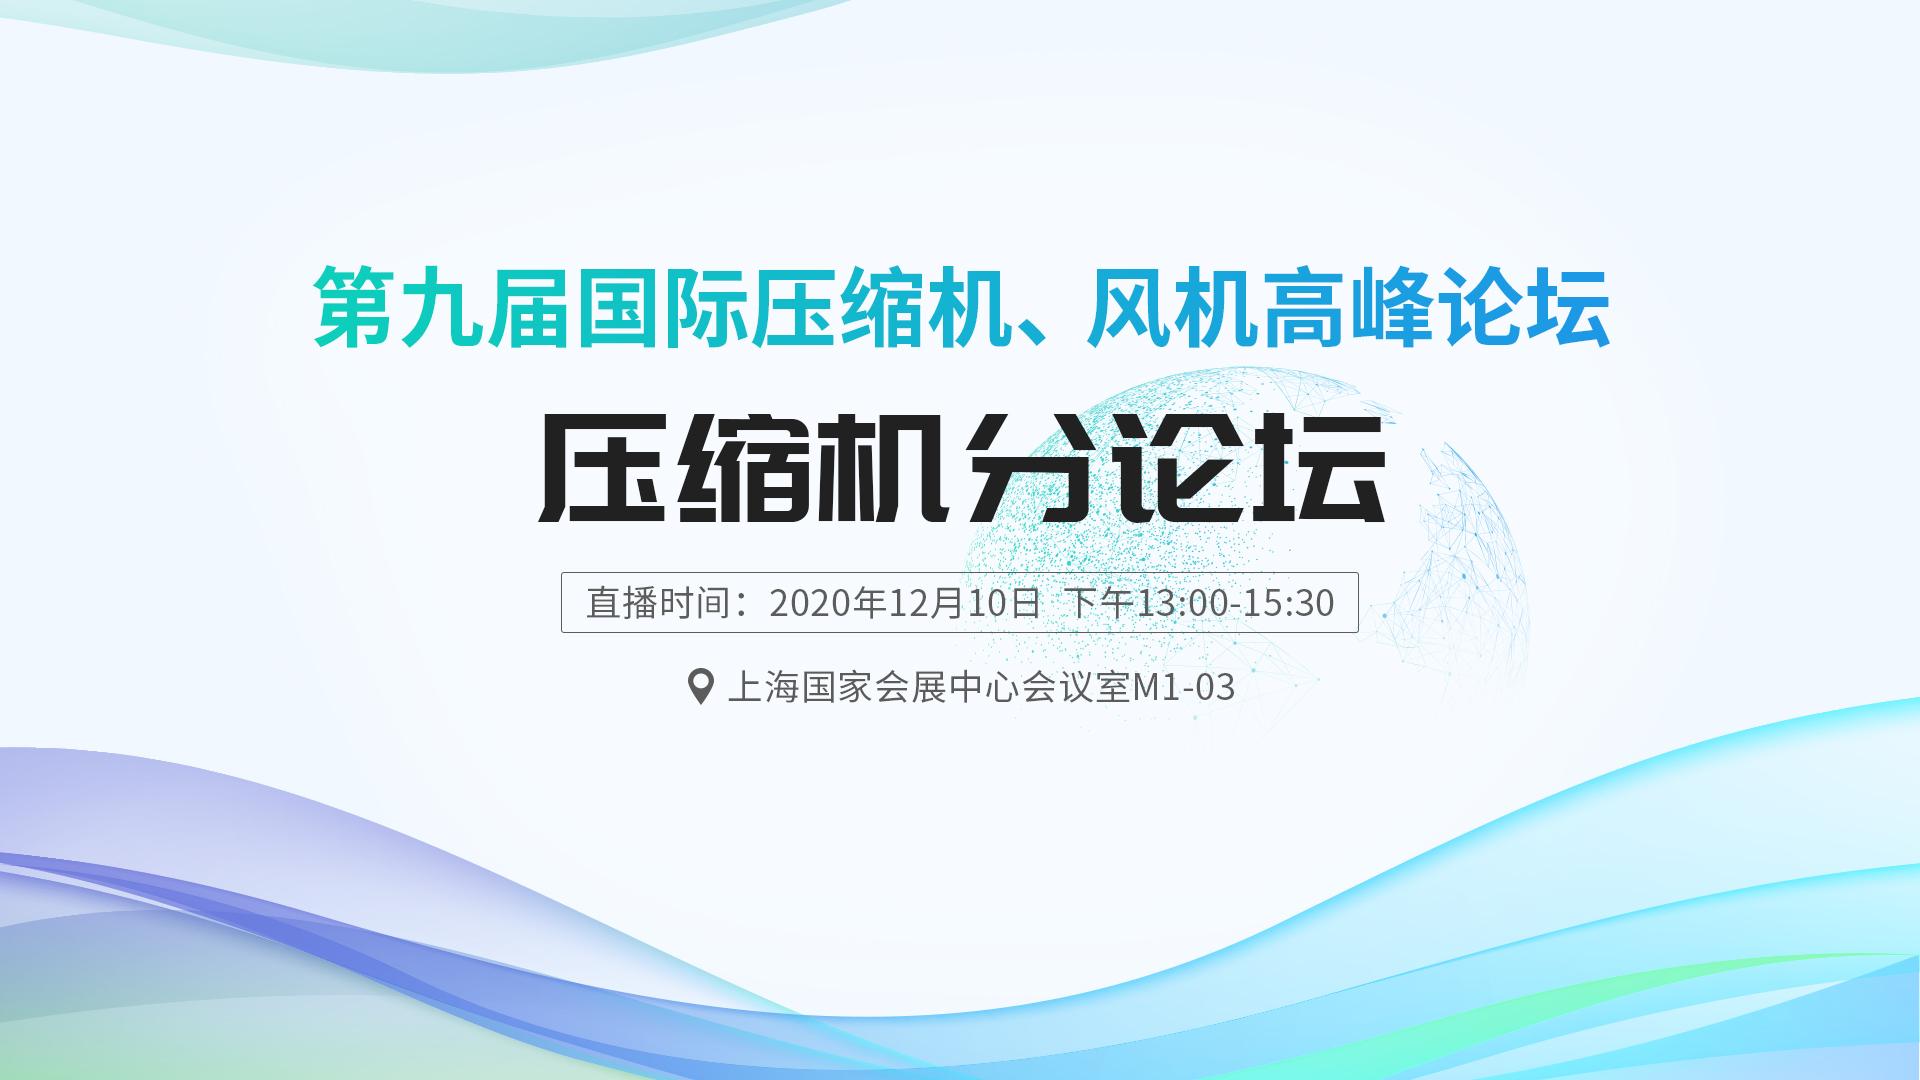 【压缩机分论坛】第九届国际压缩机、风机高峰论坛